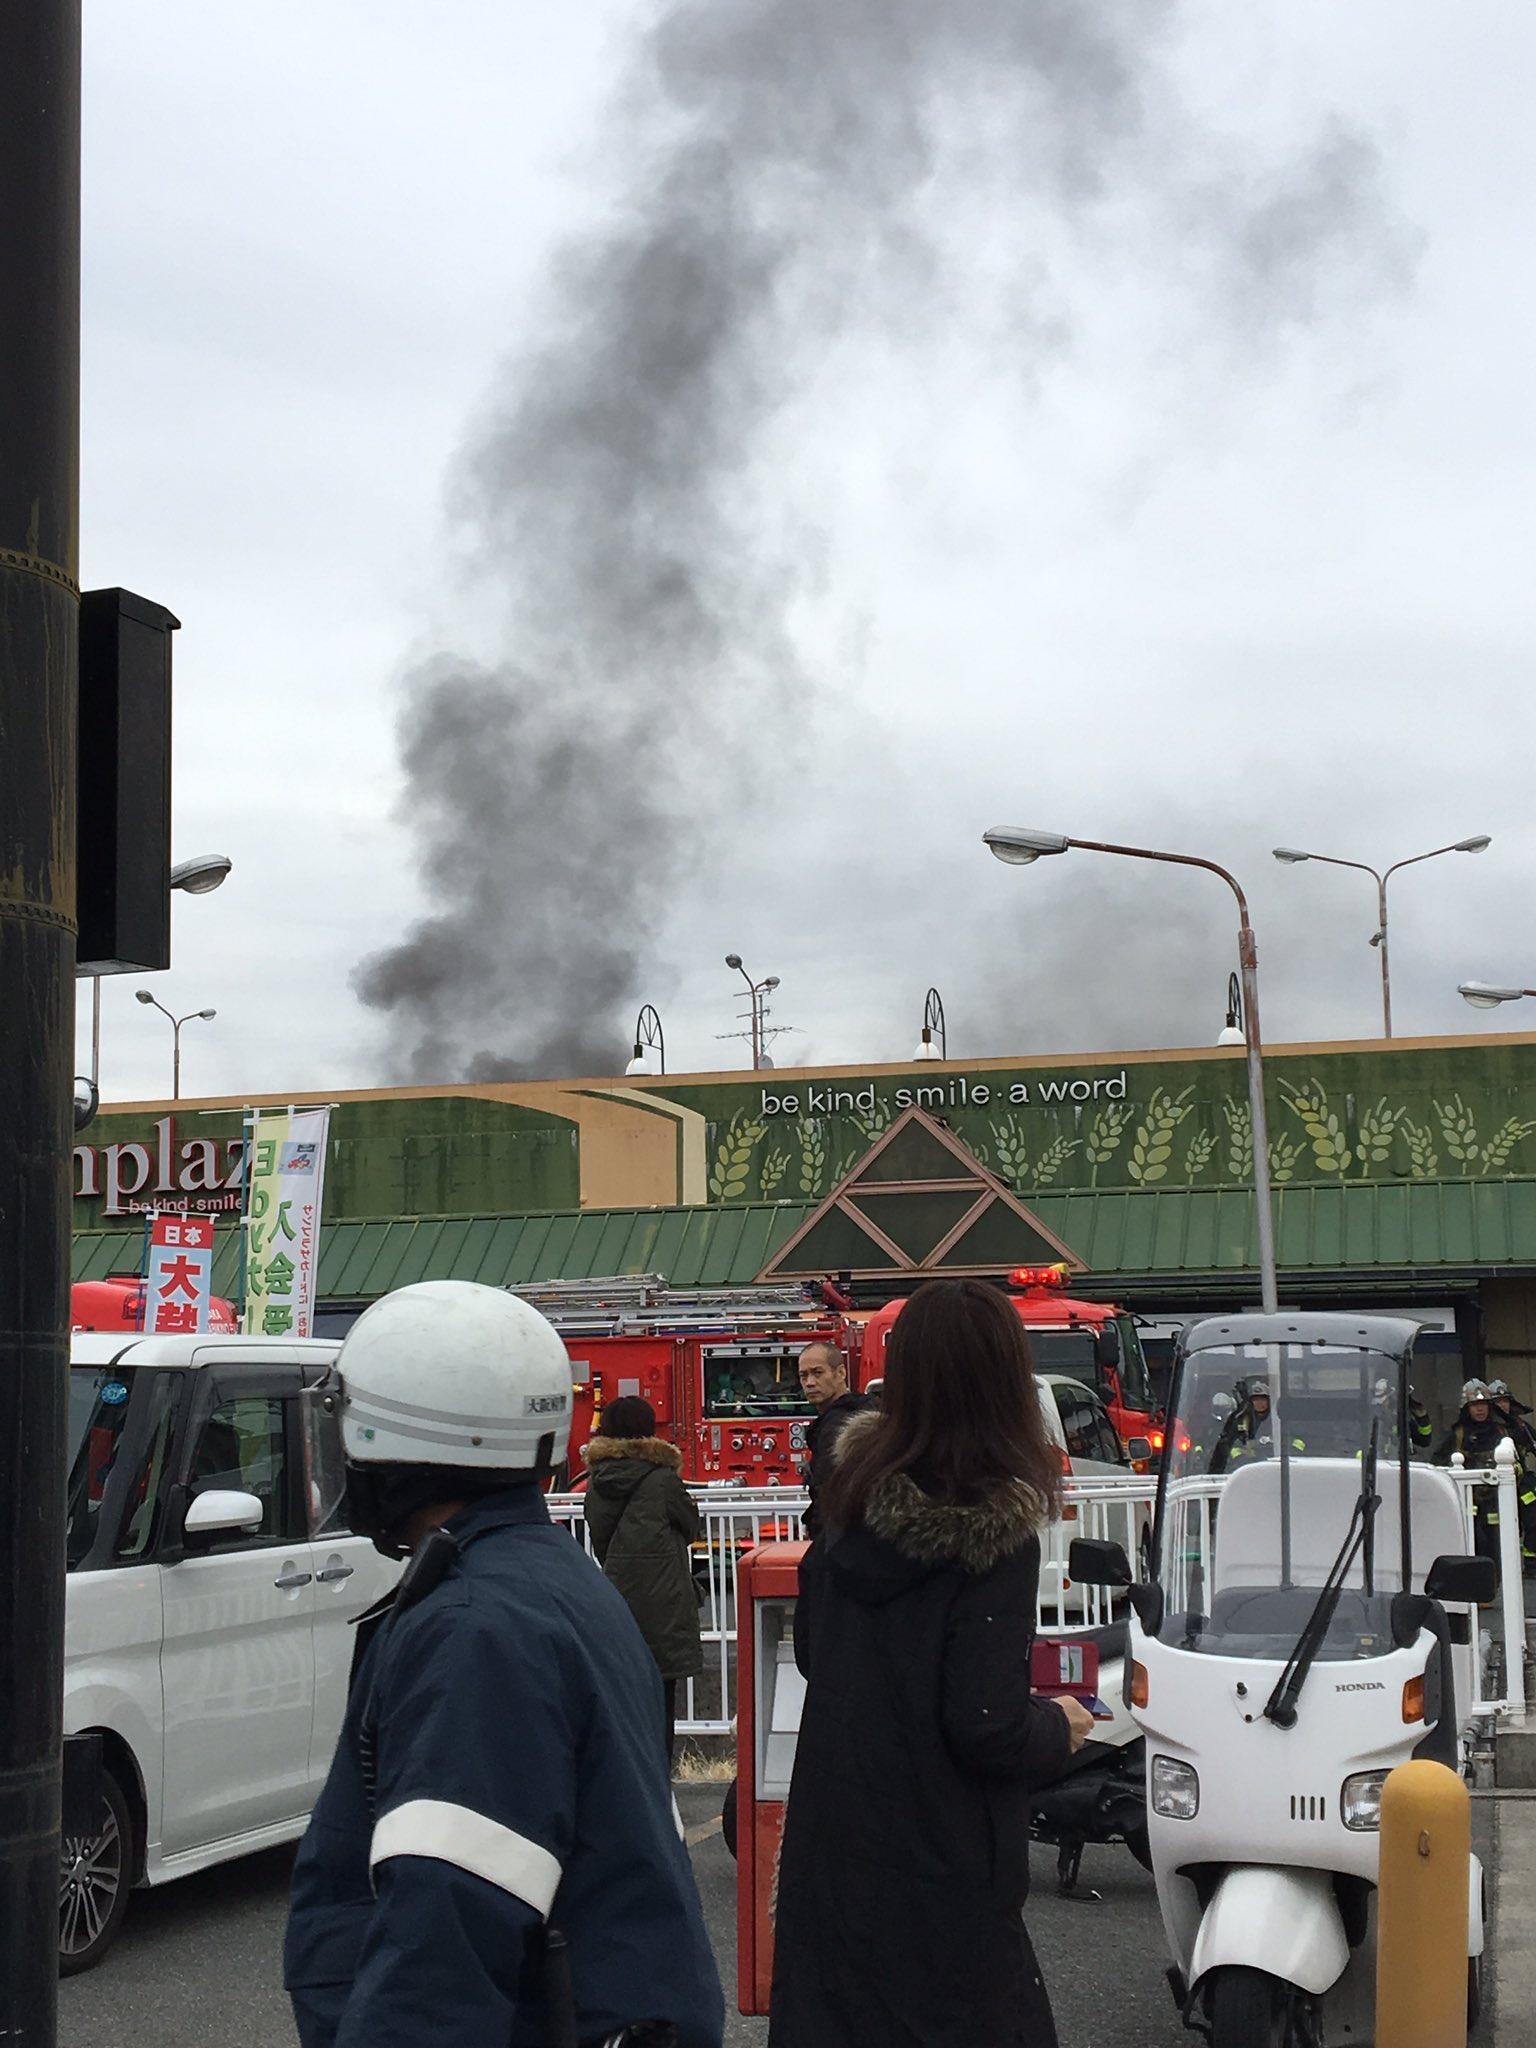 画像,古市のサンプラで火事ケガ人いませんように#サンプラ #火事 https://t.co/vdPBhCTVEK。